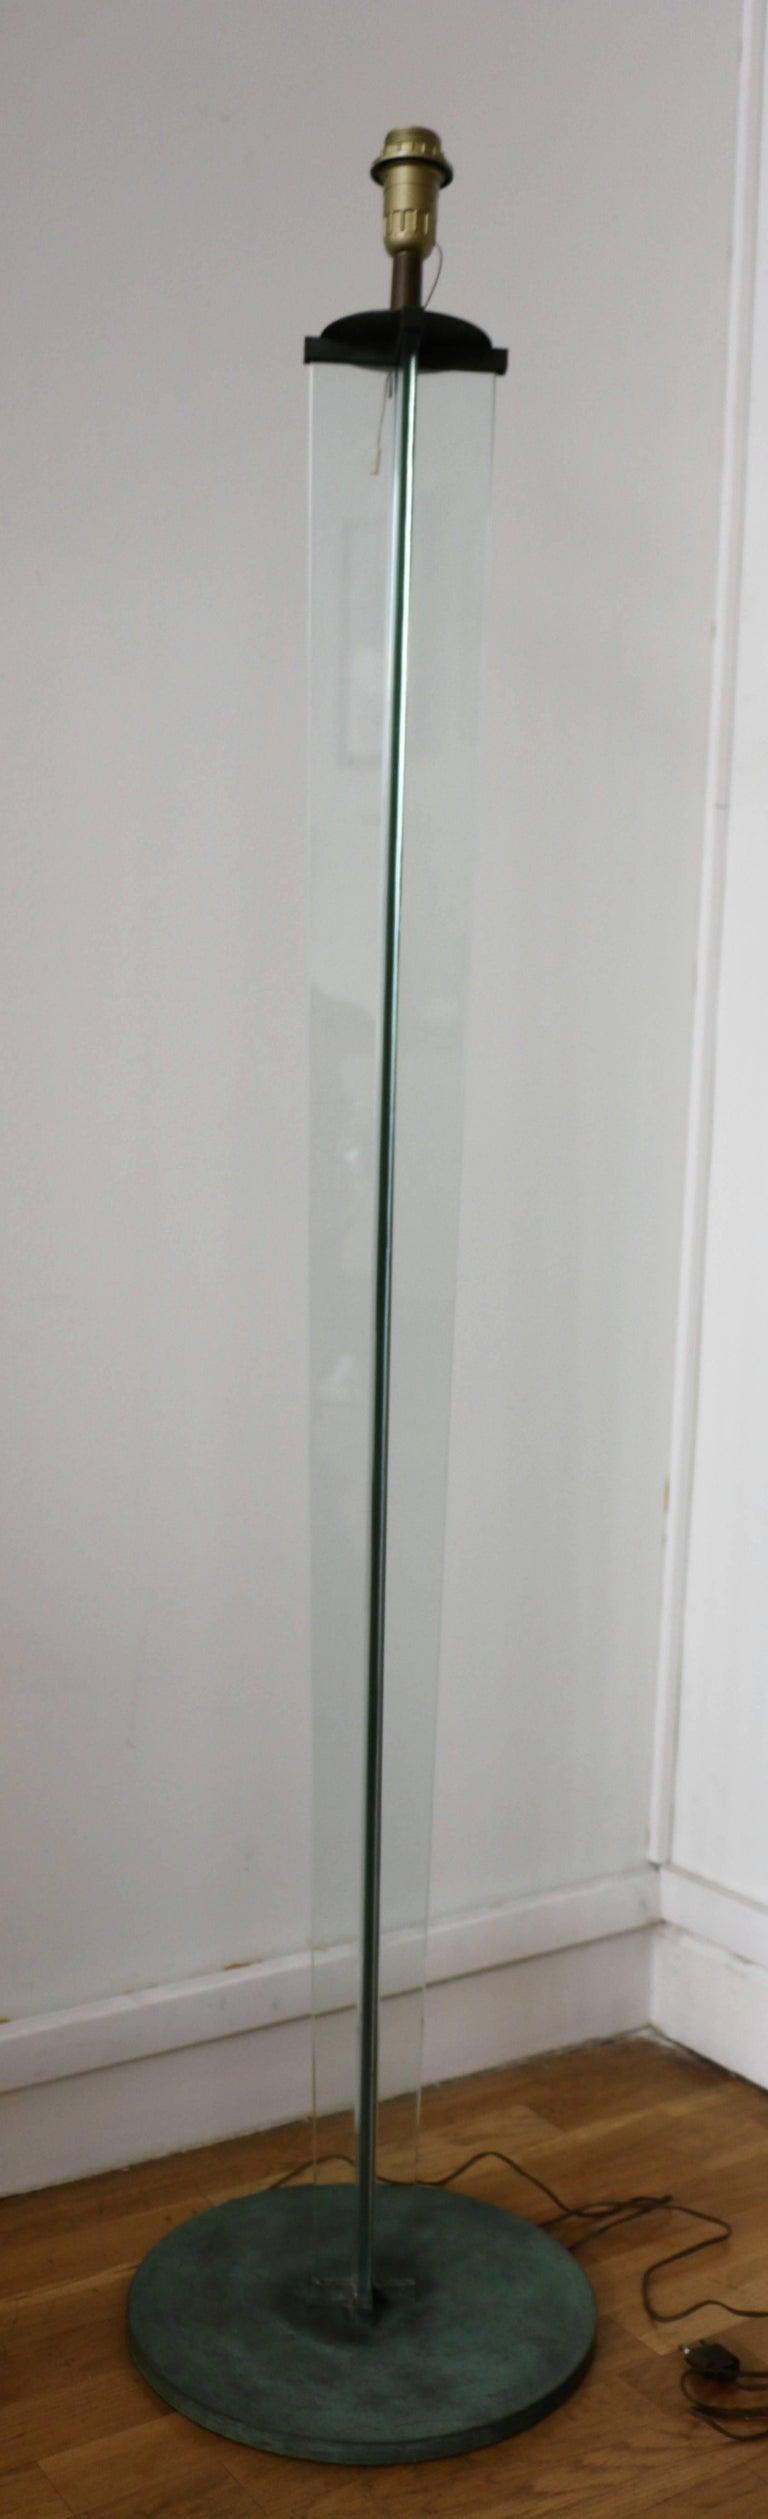 Art Deco Glass Floor Lamp by Jacques Adnet, Art Déco, 1930s, France